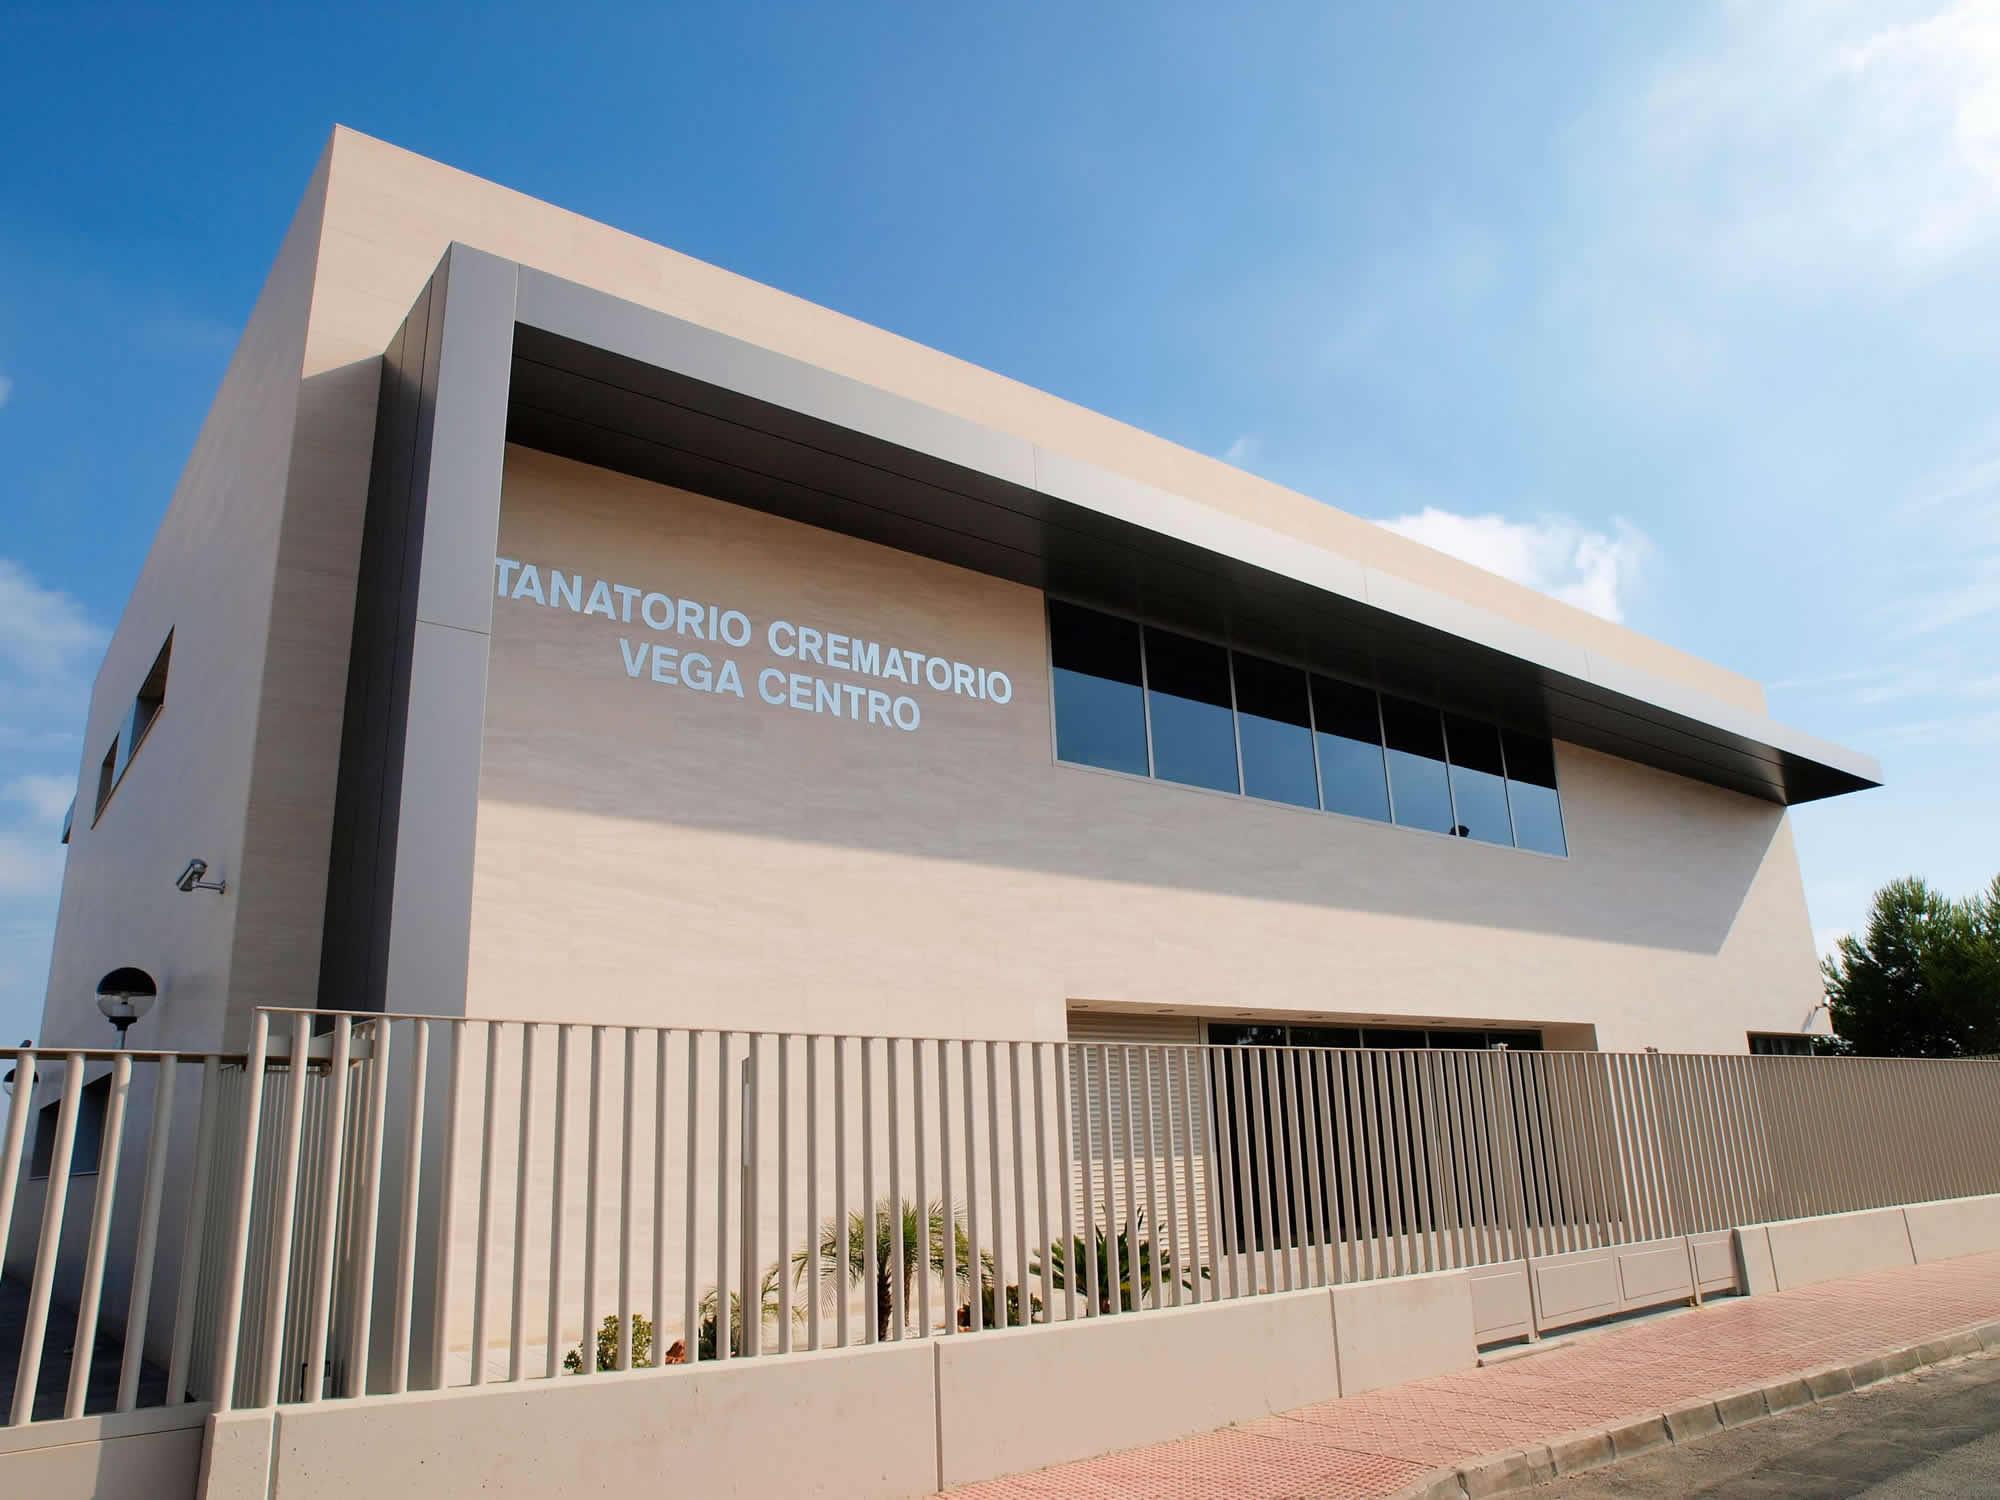 Vega Centro Crematorium and Funeral Parlour